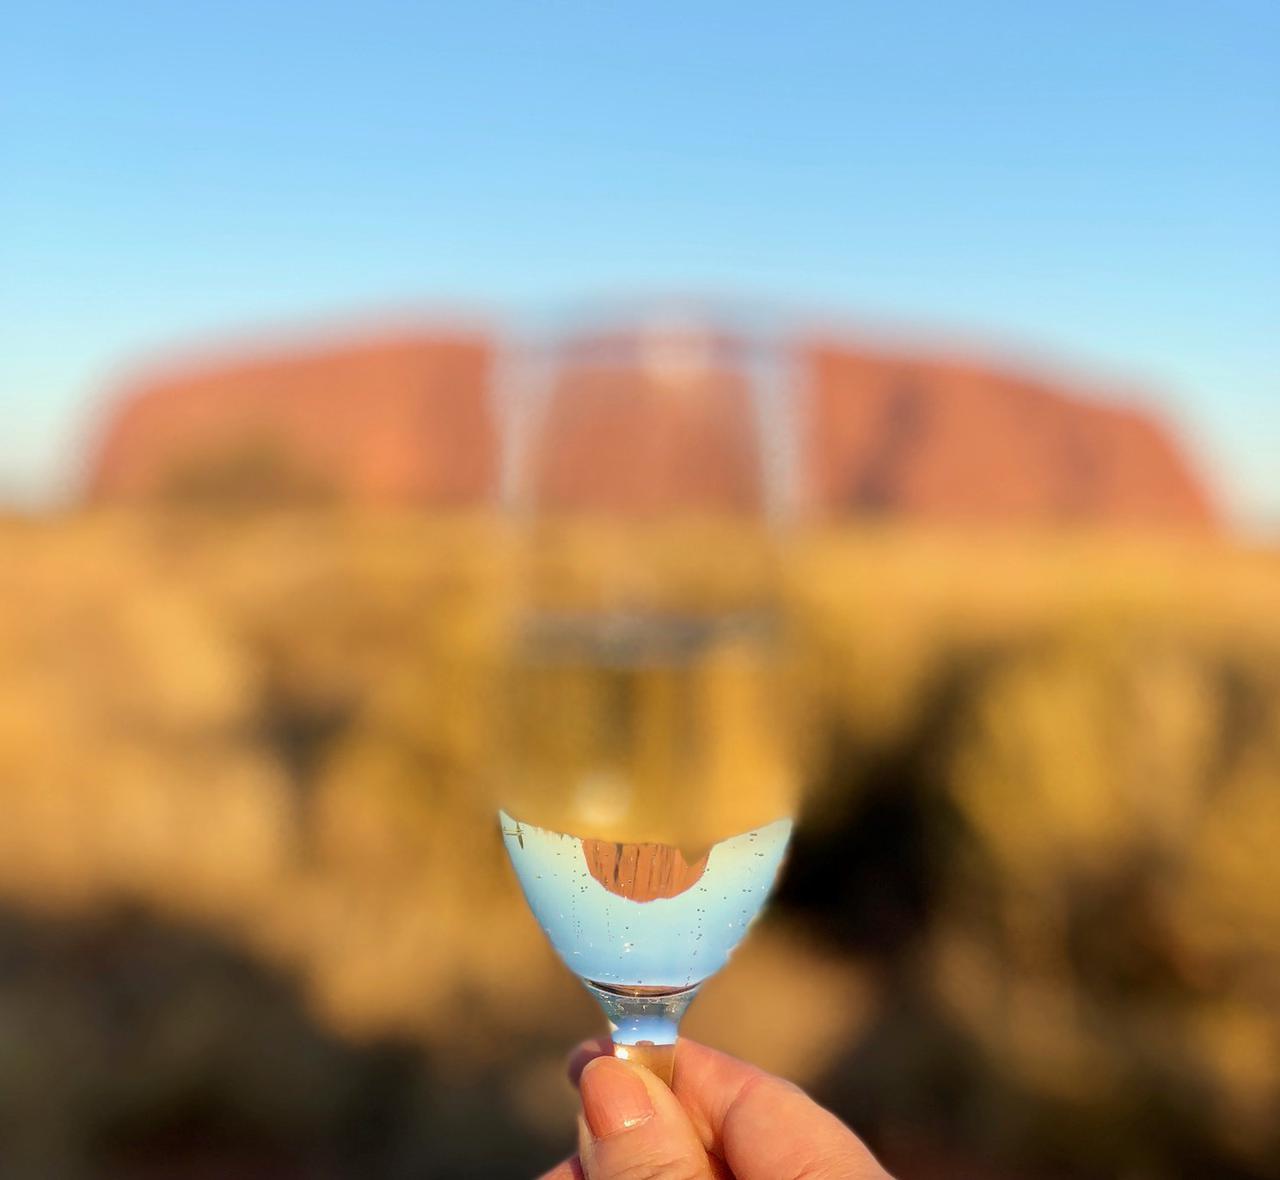 画像: ウルルに到着!スパークリングワインを片手に「乾杯!」グラスに映る「逆さエアーズロック」で記念撮影です♪